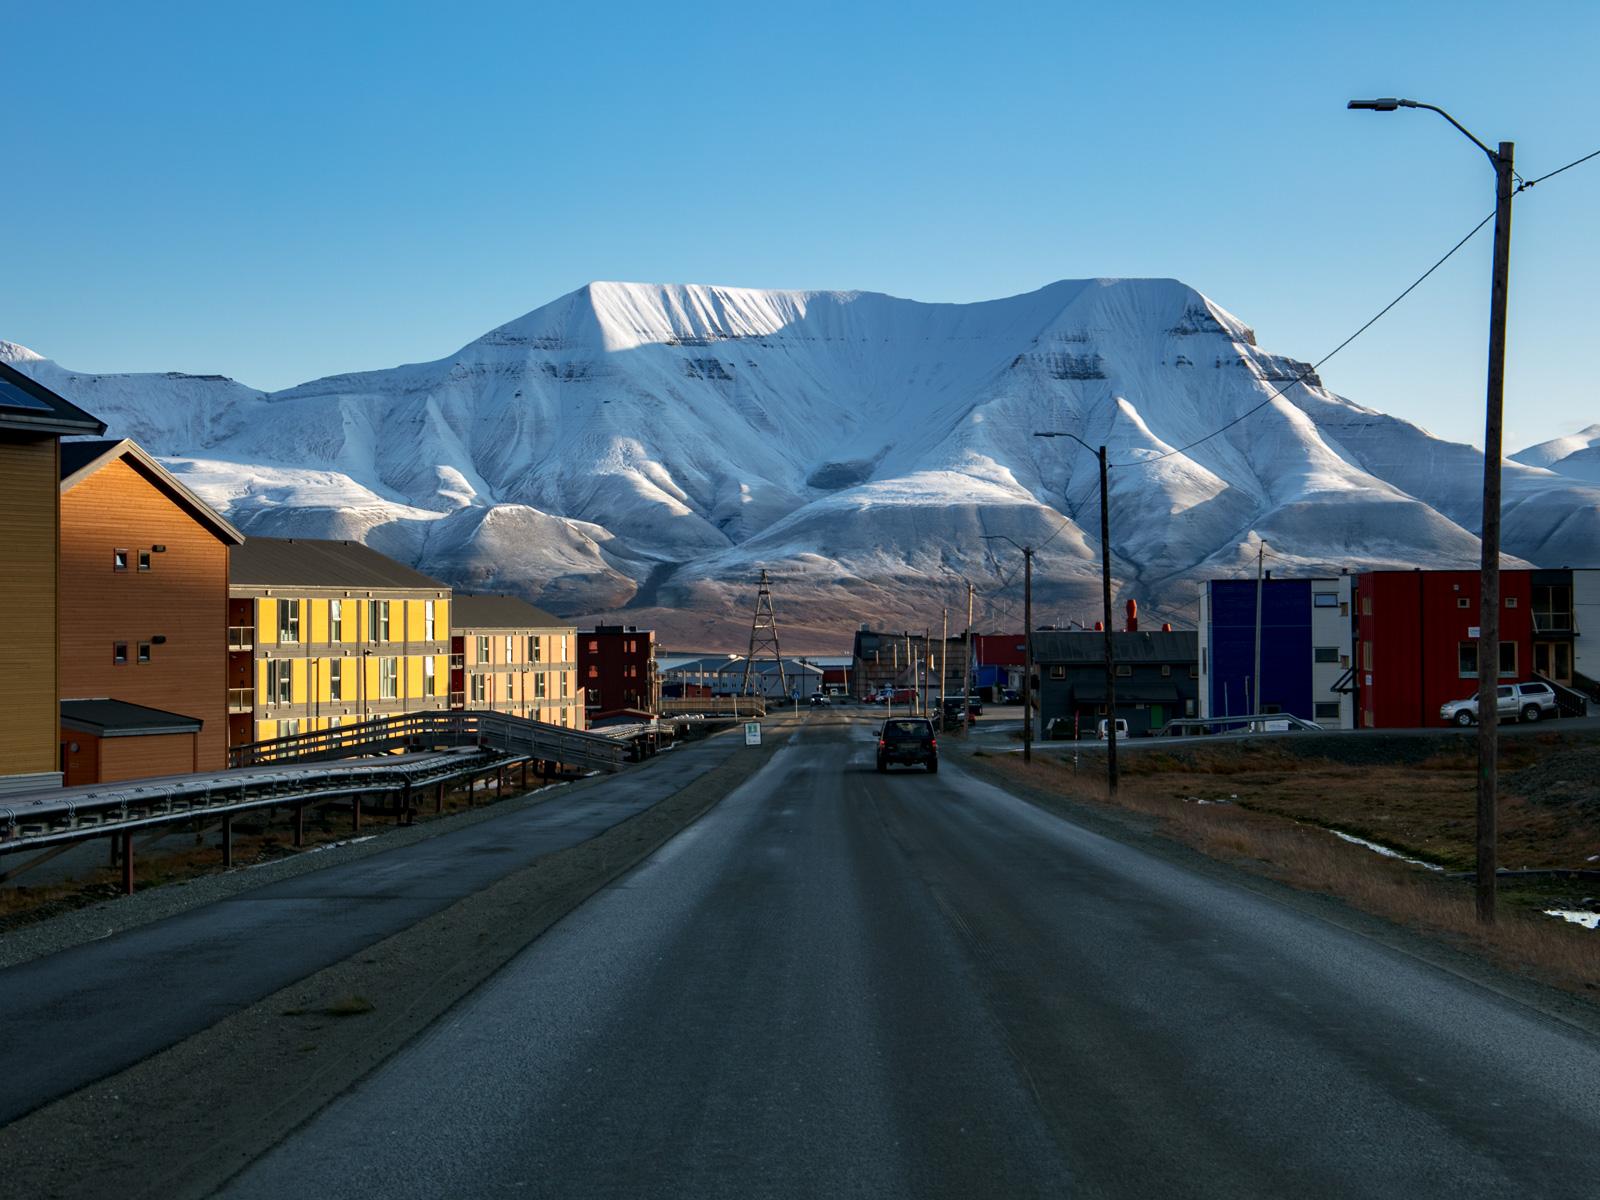 Svalbard_Spitsbergen_Longyearbyen-3